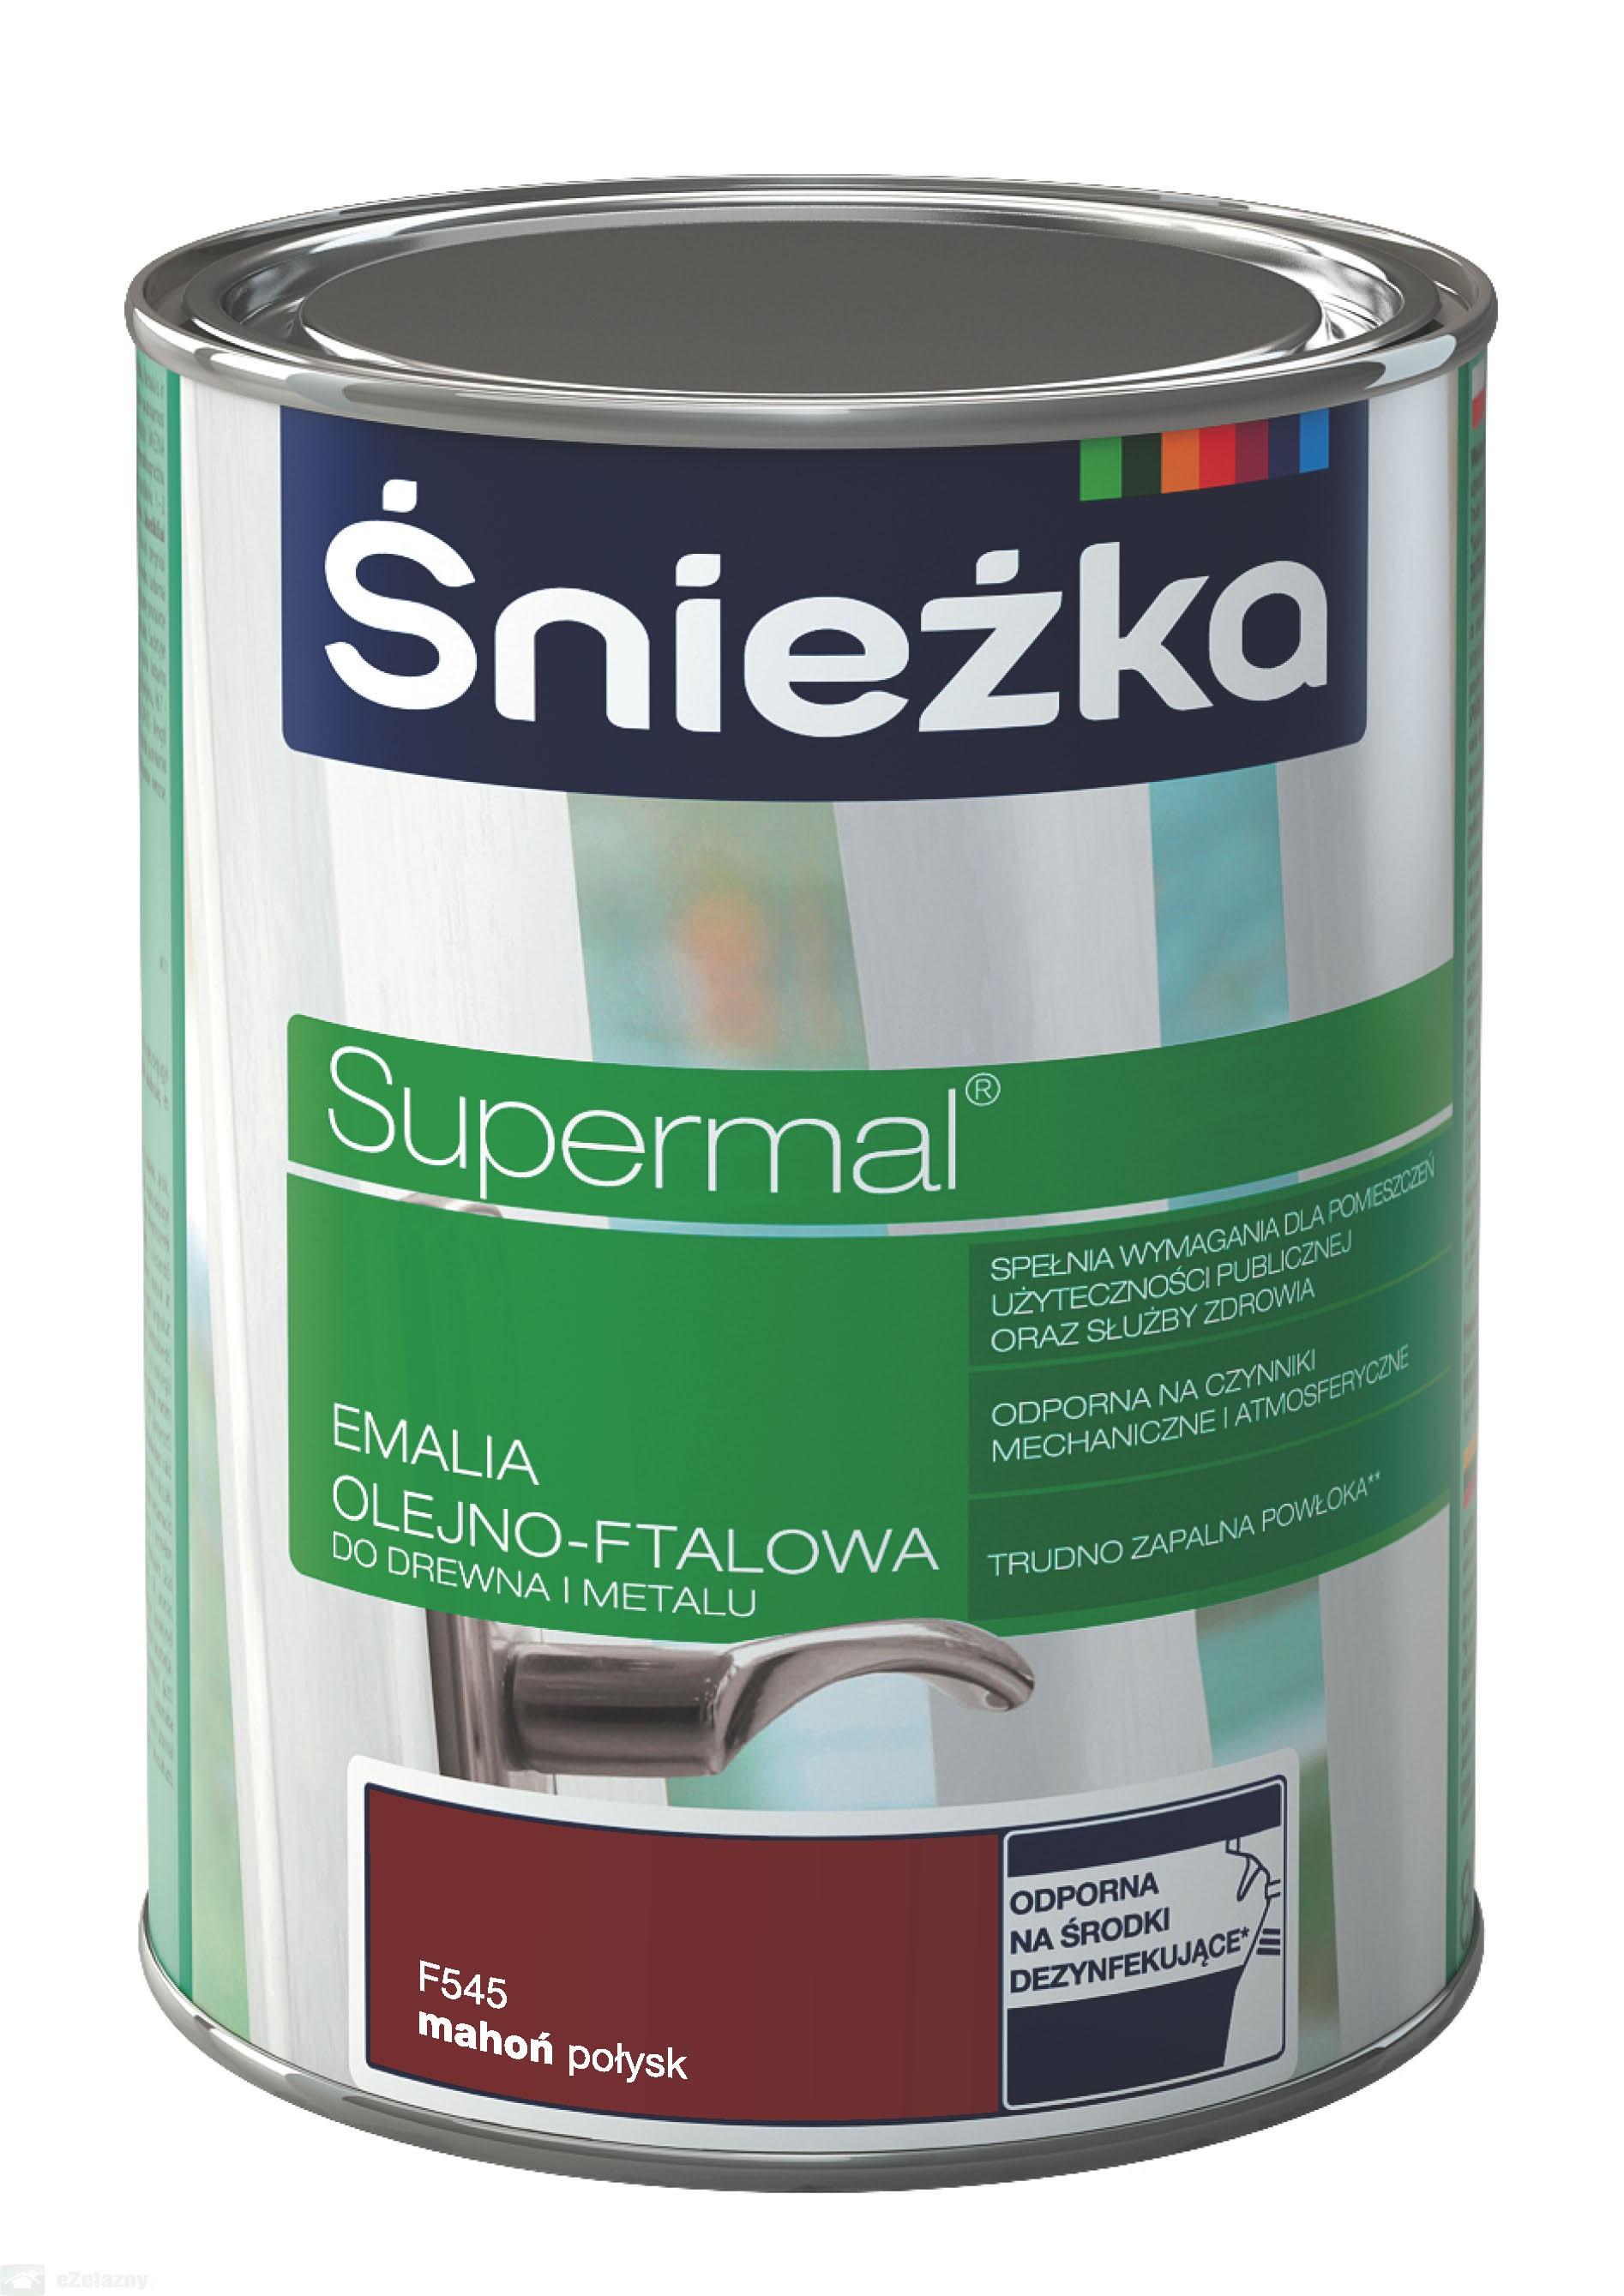 Supermal Sniezka 0.8 L Mahon F 545